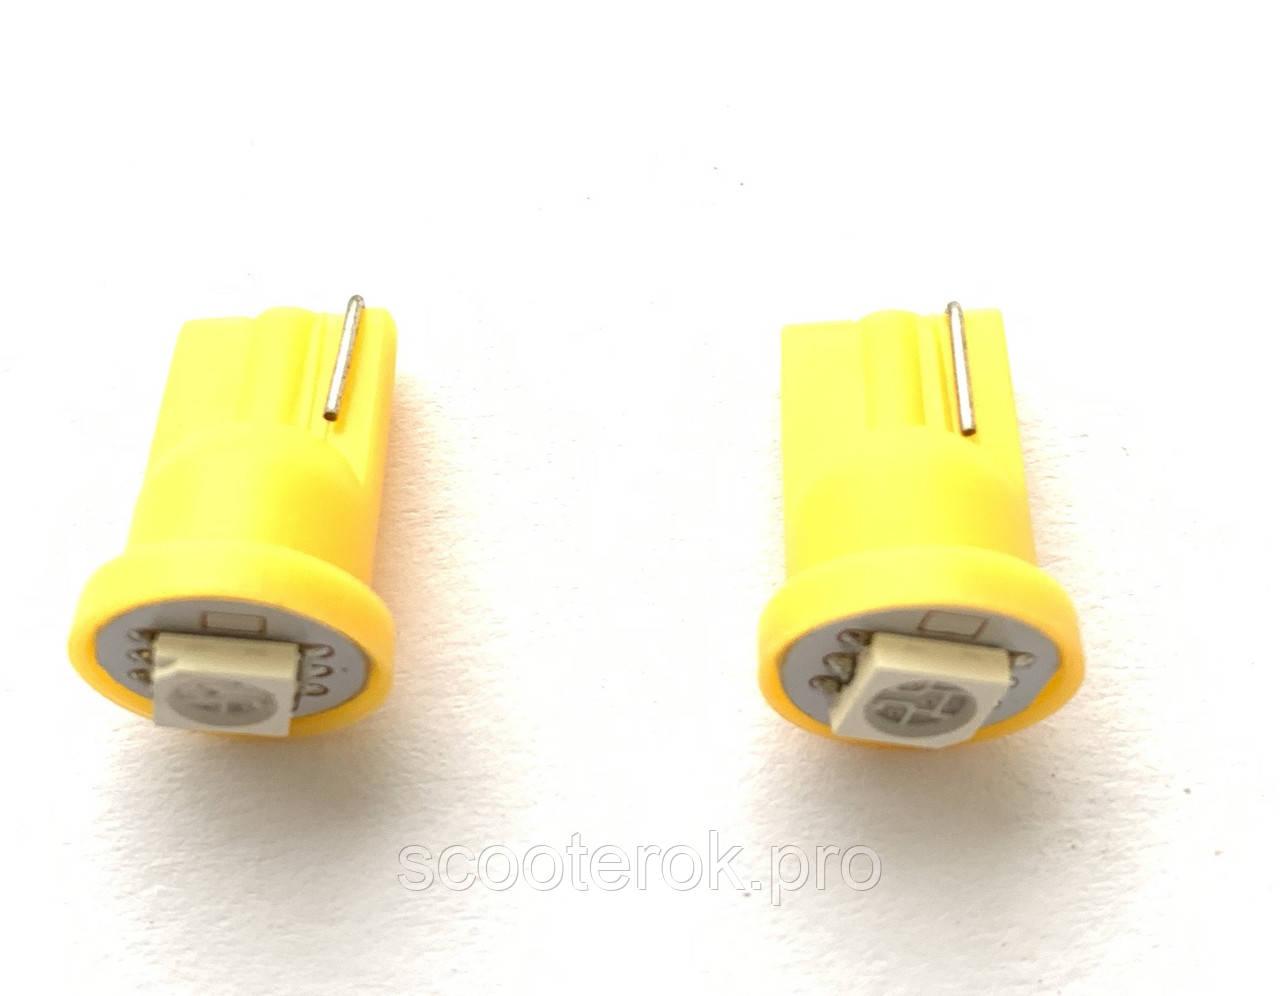 Лампа покажчика поворотів, безцокольная, 1 крістал жовта T9, 2 шт.